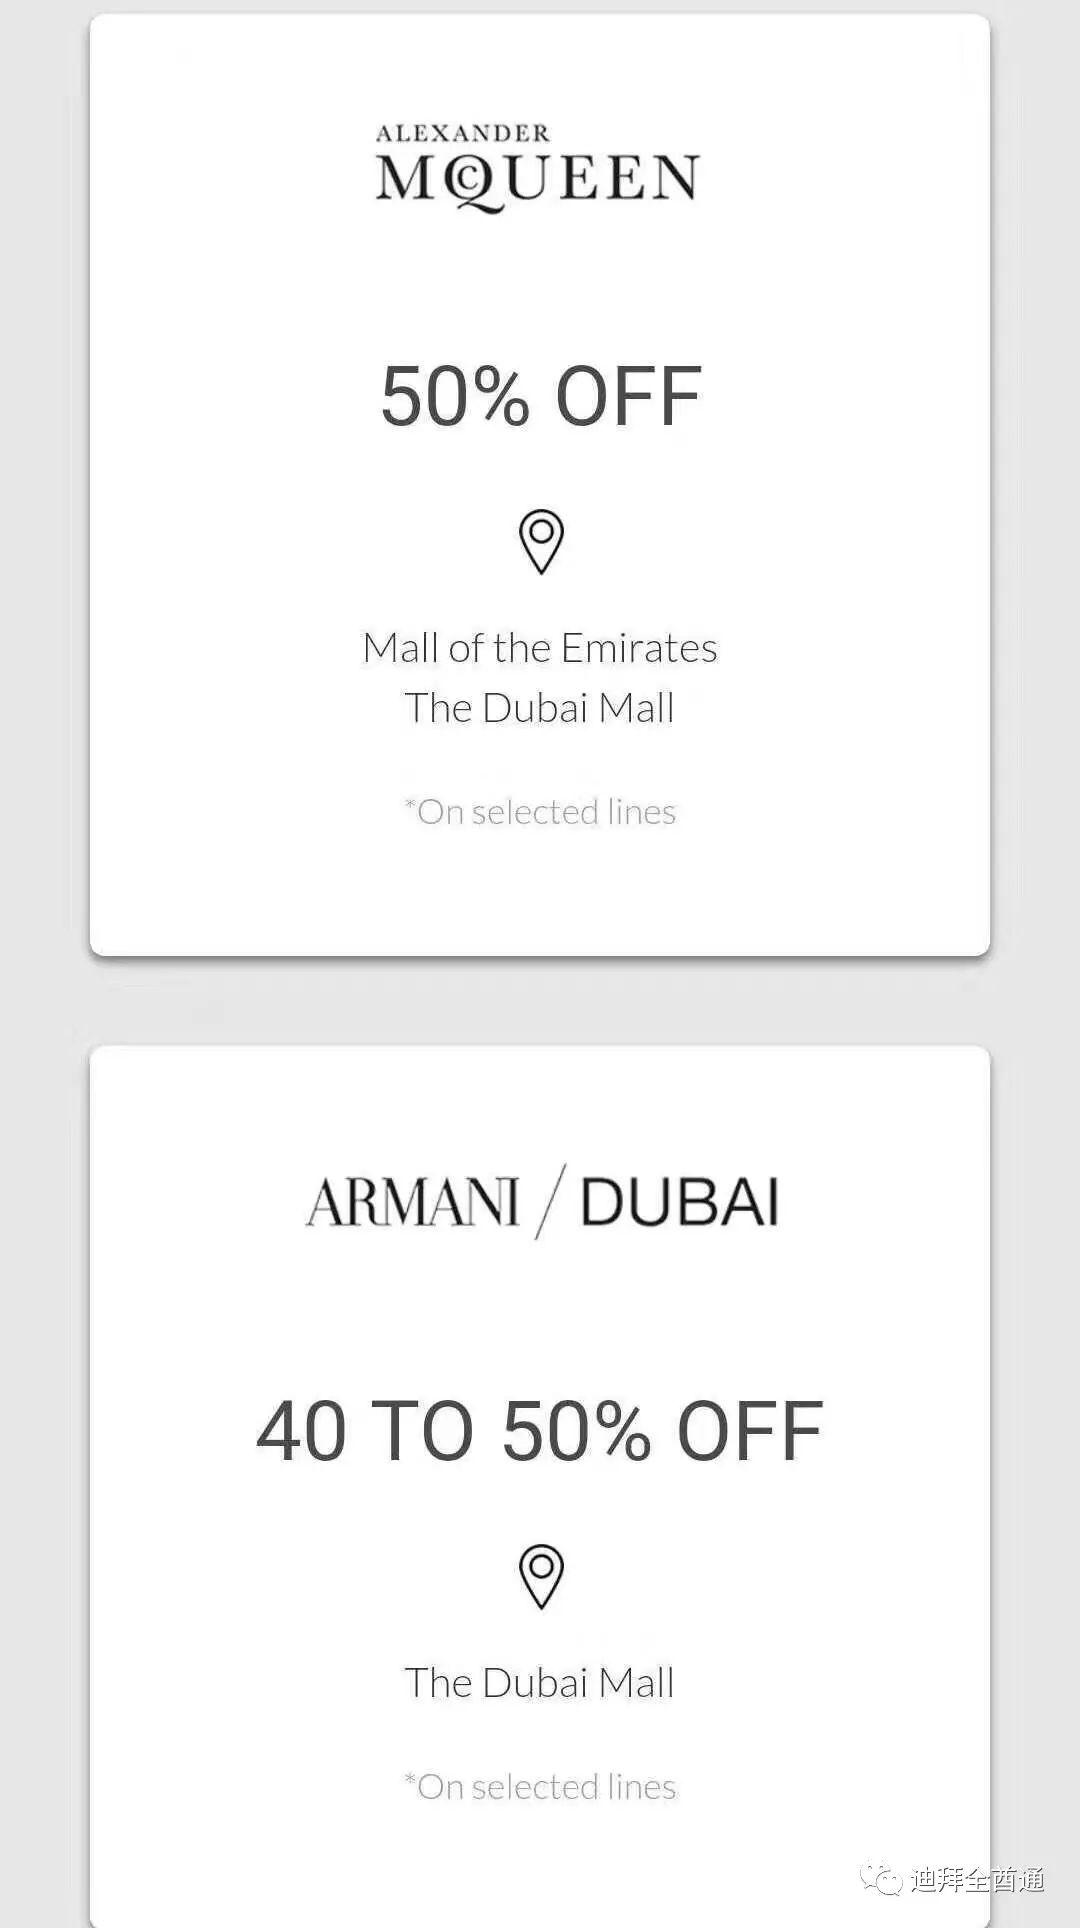 晒晒2018迪拜购物节的折扣刺激情况!看排队吧